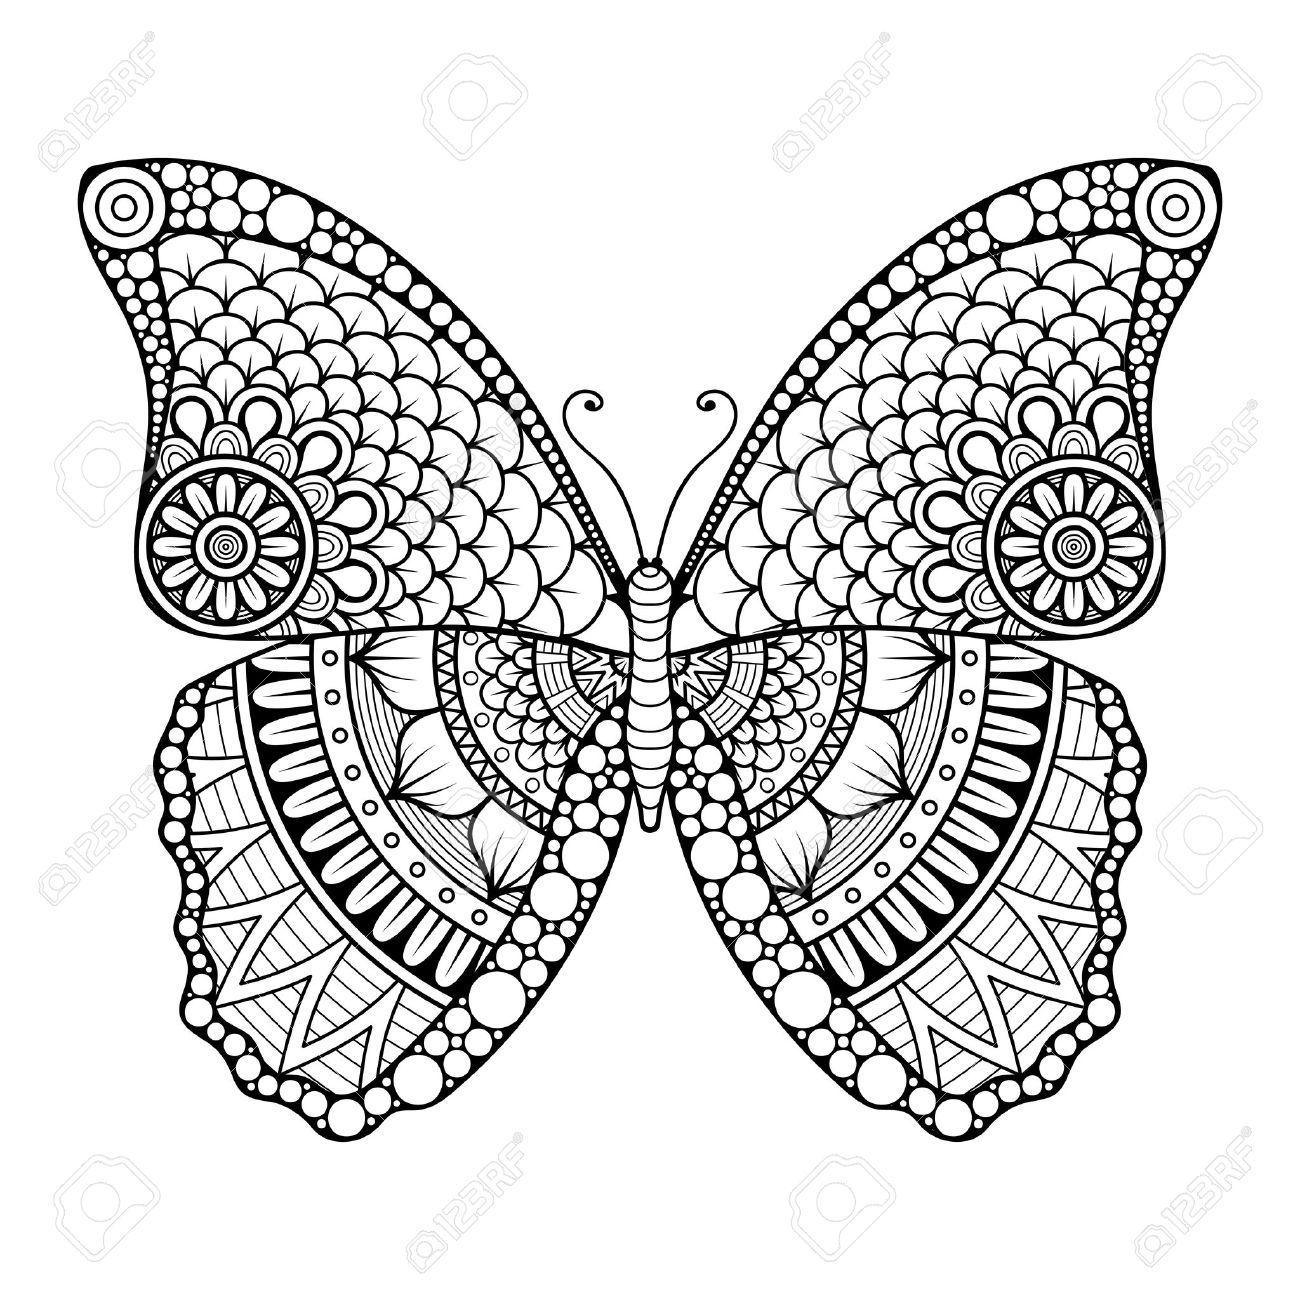 Ornement Belle Carte Avec Le Papillon Element Geometrique Faite Dans Le Vecteur Mandala Coloring Pages Butterfly Mandala Butterfly Coloring Page [ 1300 x 1300 Pixel ]